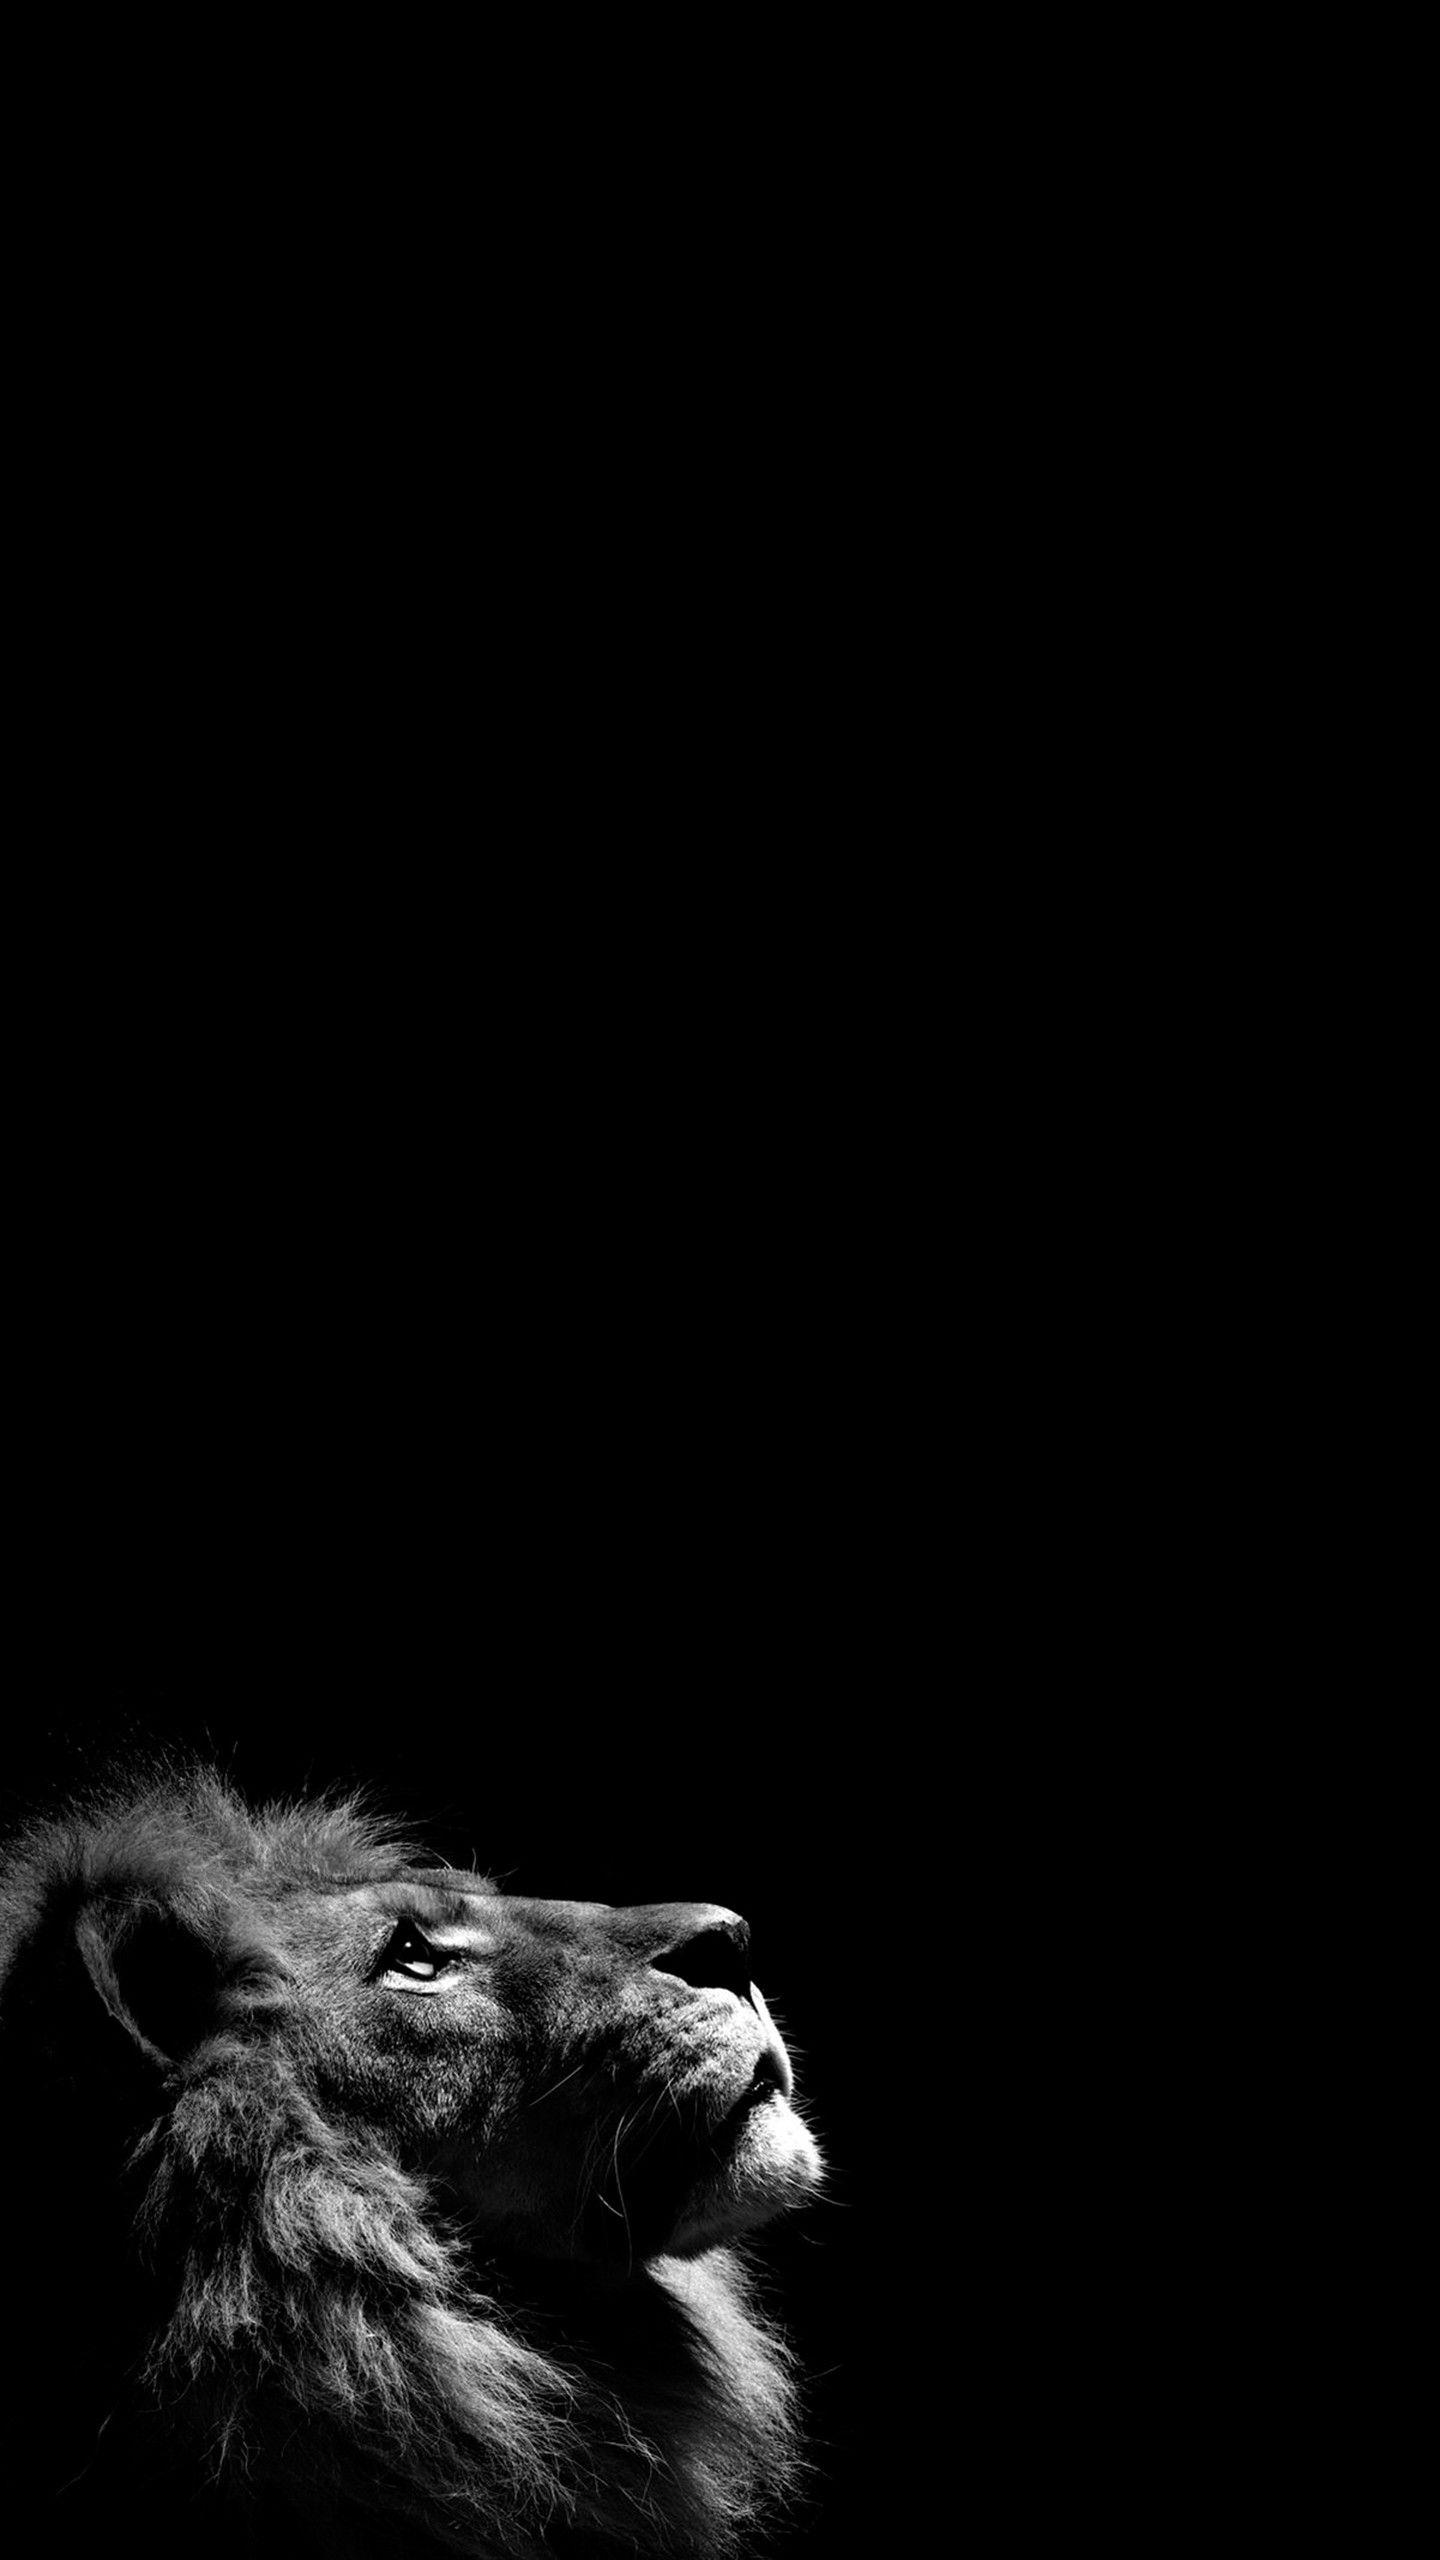 اجمل خلفيات ايفون 7 عالية الدقة 2018 Iphone 7 Hd Wallpapers Tecnologis Lion Wallpaper Iphone Dark Wallpaper Iphone Iphone Wallpaper Photography